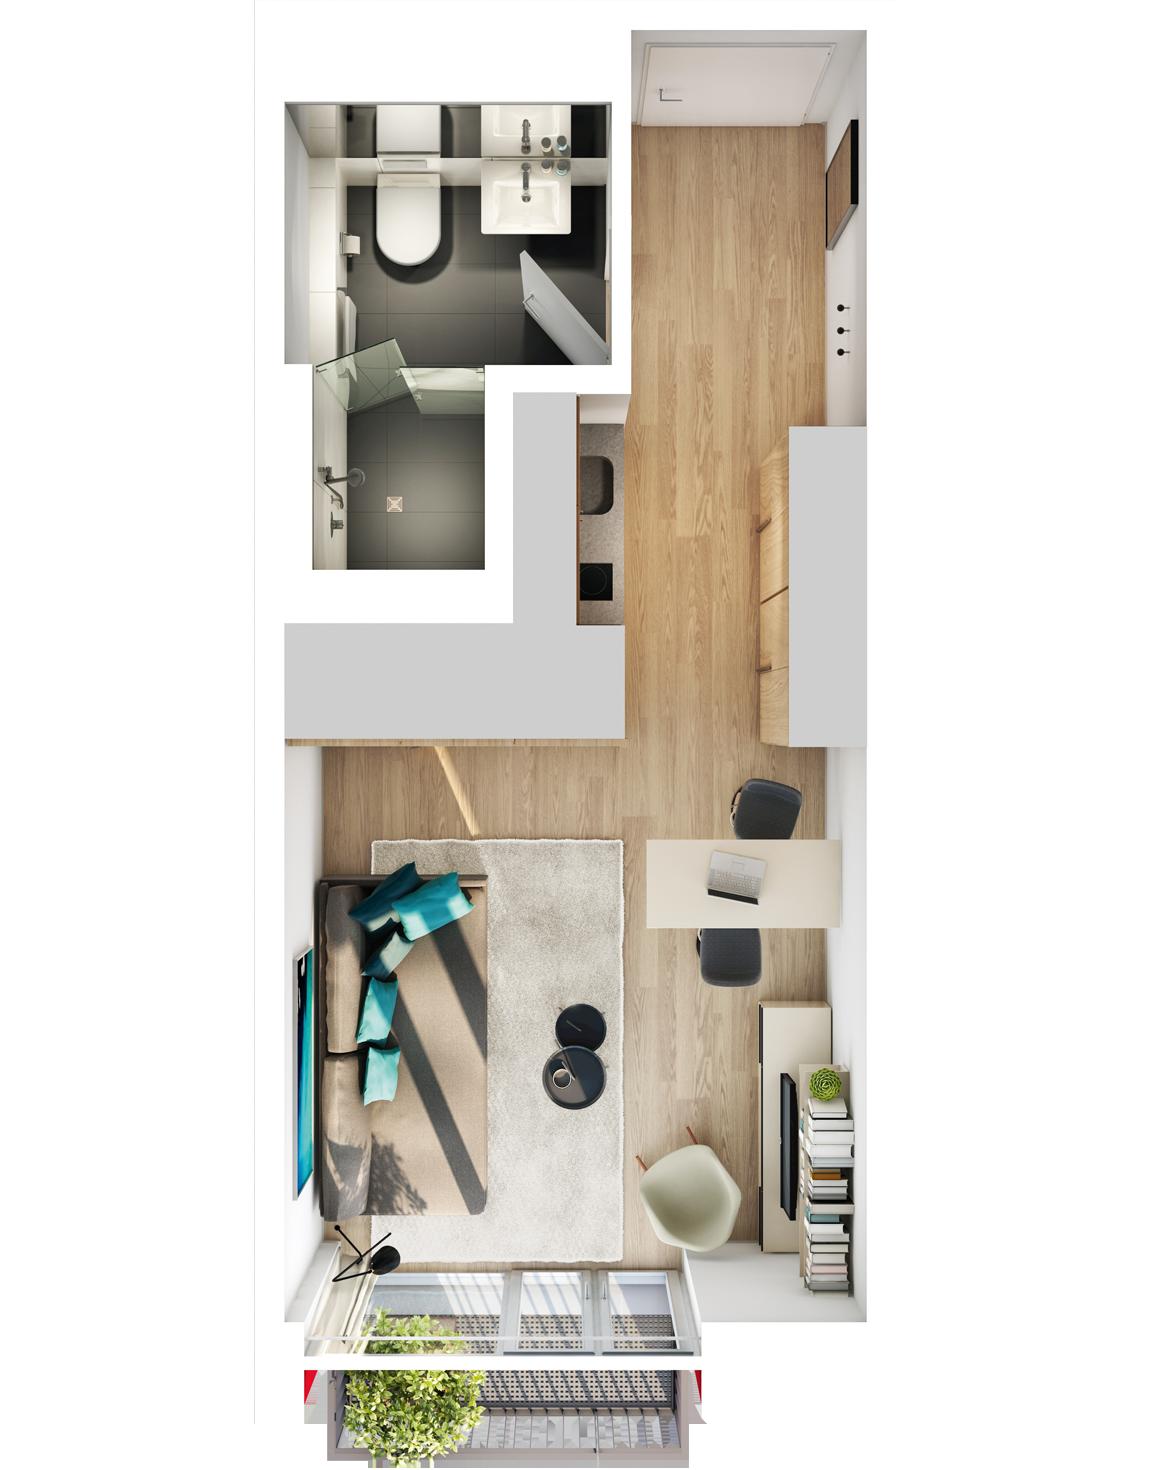 Visualisierung Beispiel 1-Zimmer-Wohnung Typ K mit Badvariante, Küchenzeile, Wohnbereich und Balkon im studiosus 5 Apartmenthaus in Augsbur